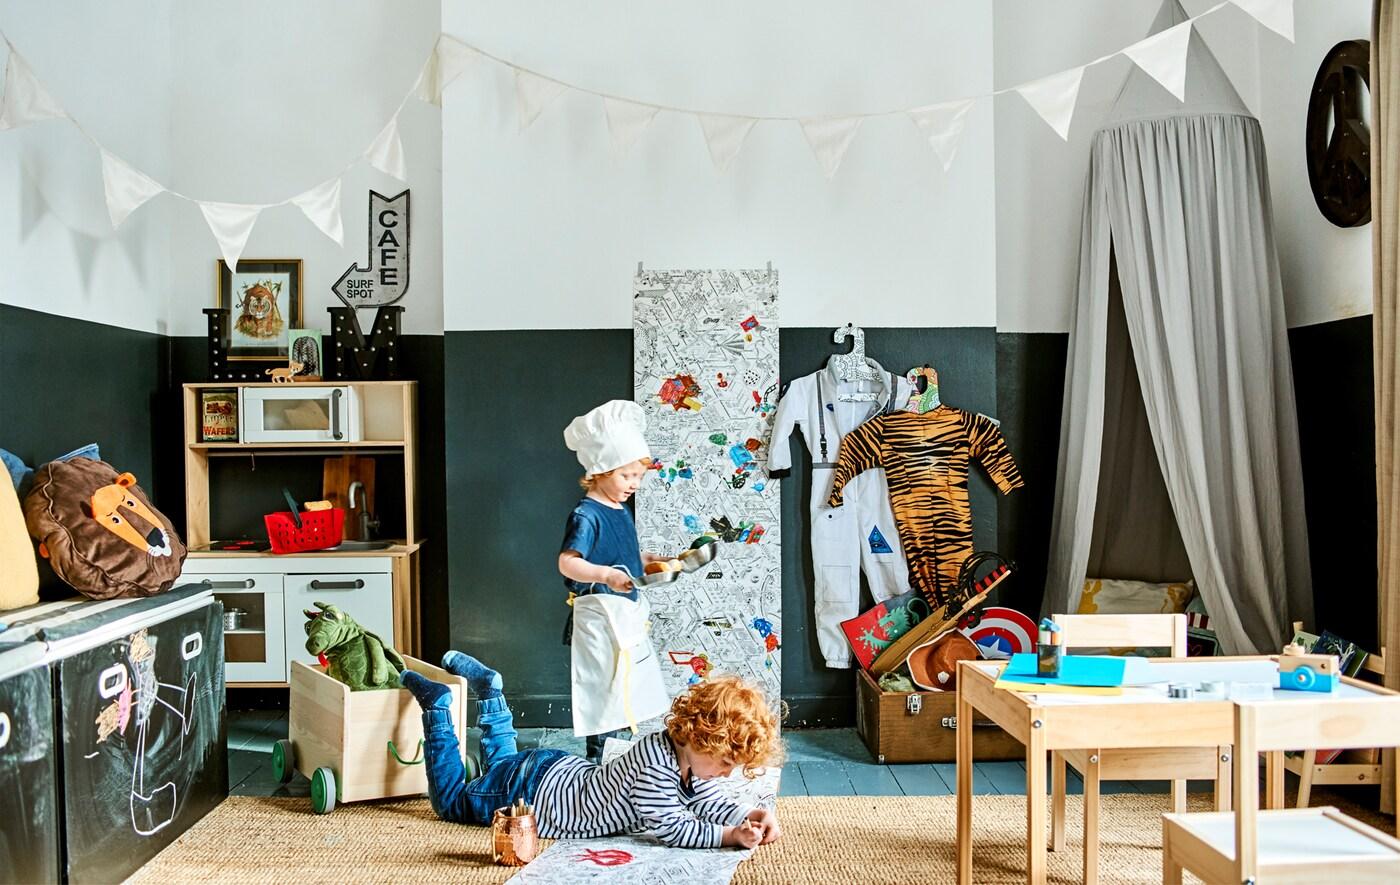 Dvě děti si hrají v pokoji vybaveném malým stolem a židlemi, tabulí, dětskou kuchyní a stanem